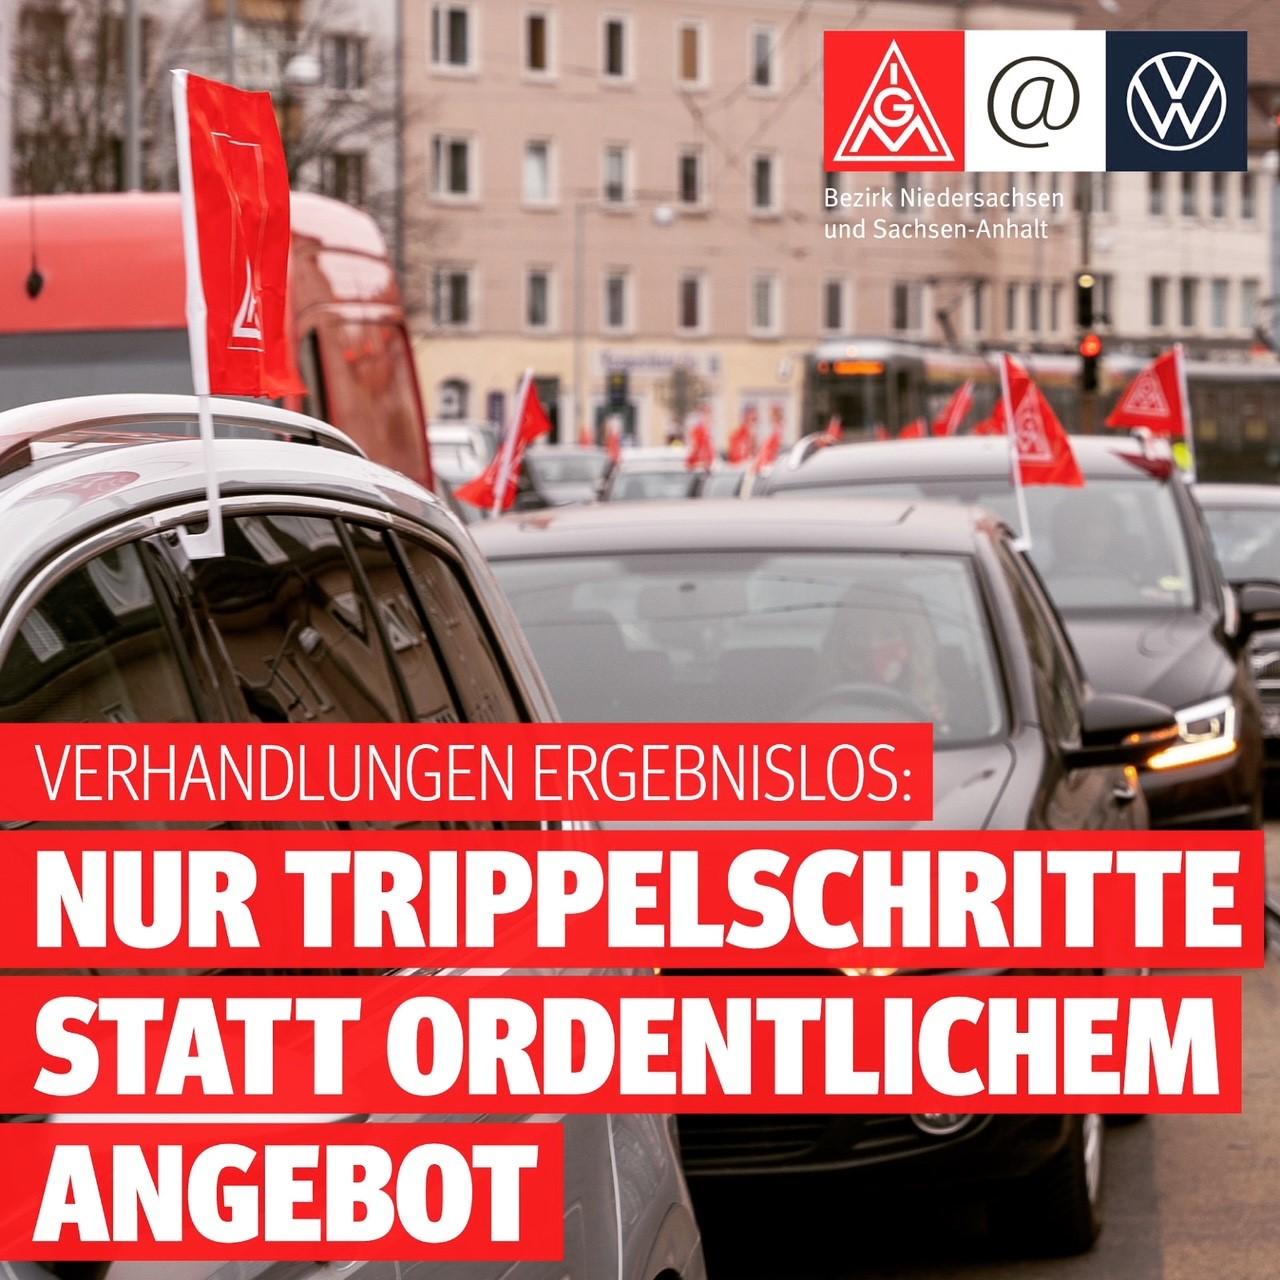 Tarifrunde Volkswagen - Verhandlungsbegleitende Aktionen im Volkswagen Werk Wolfsburg - Hunderte beteiligen sich!